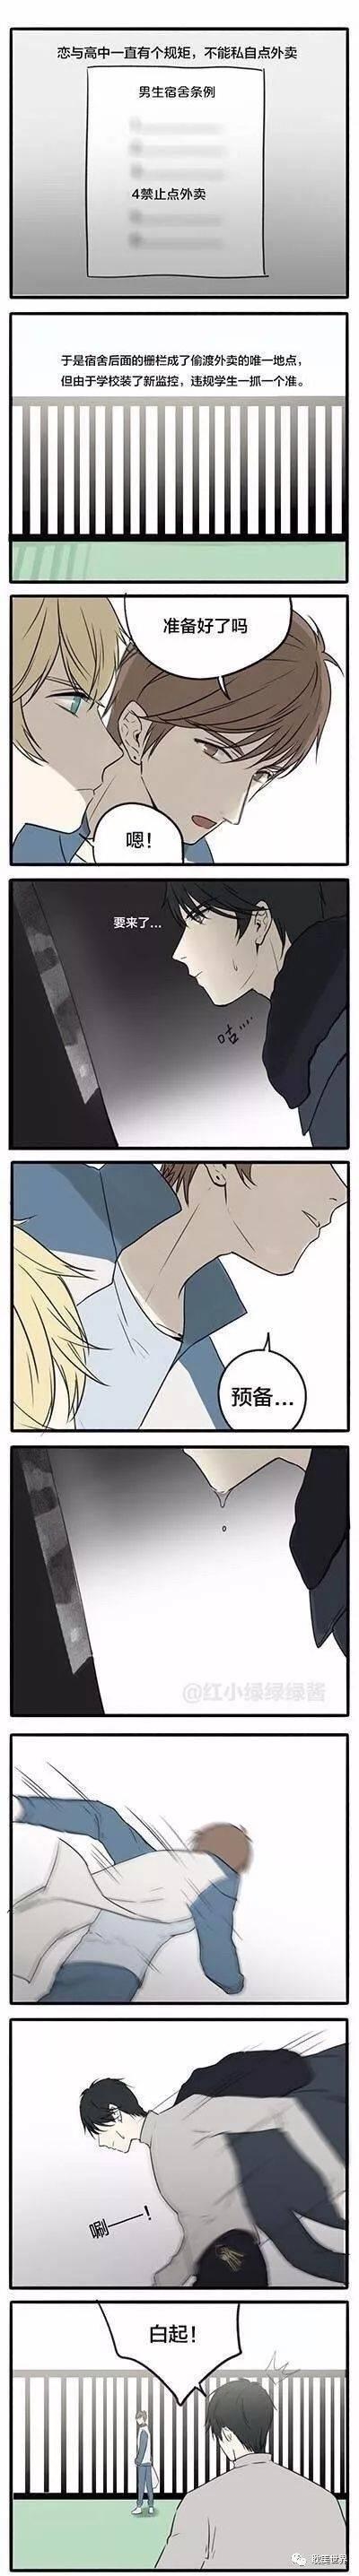 【耽美漫画】恋与高中男生宿舍的全文高中阅读我女友图片